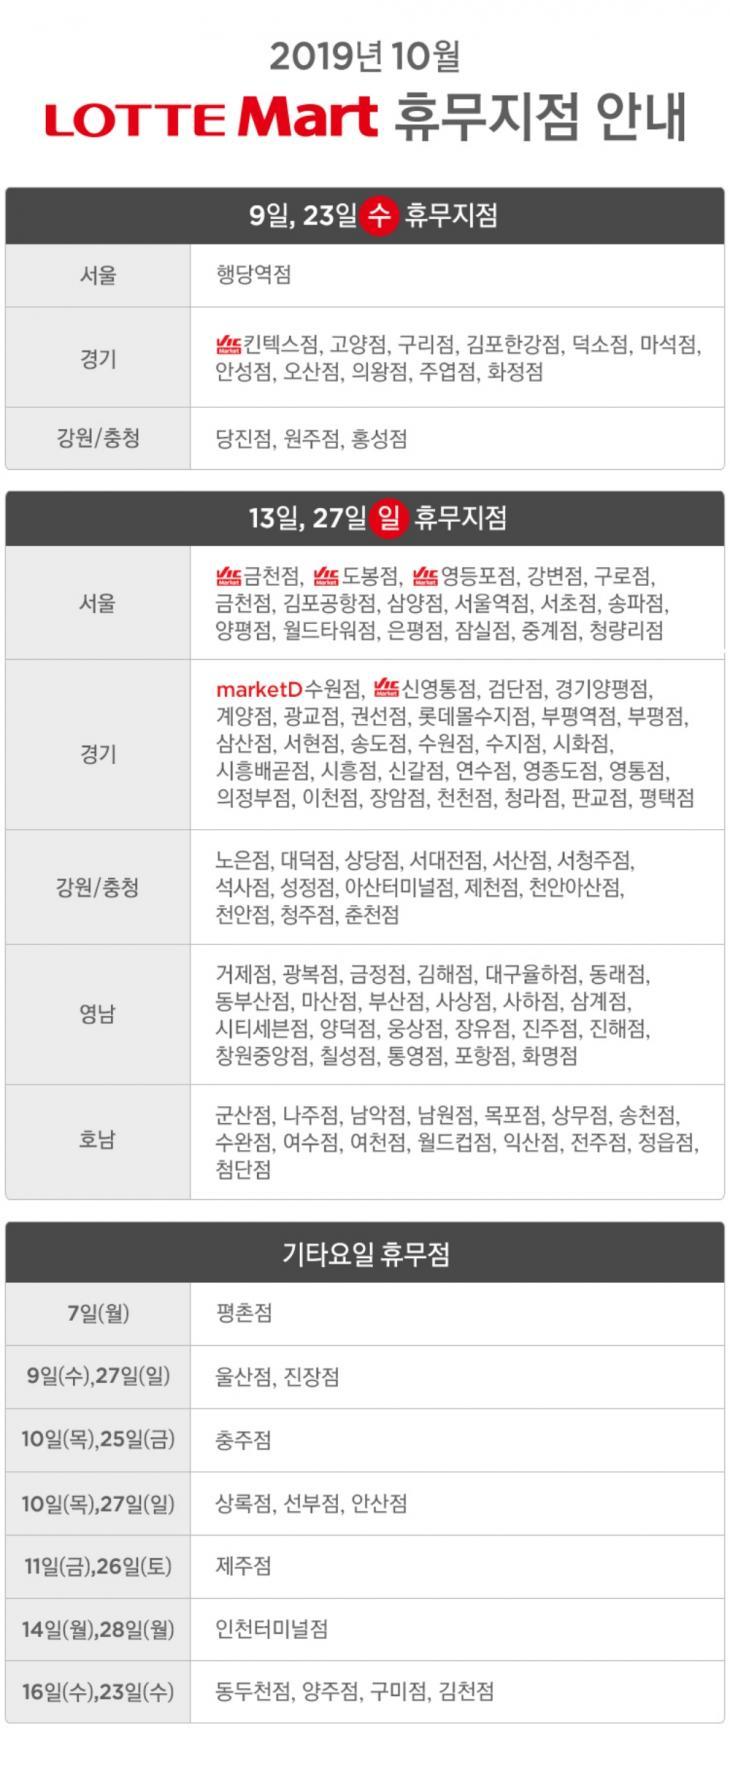 롯데마트몰 공식 홈페이지